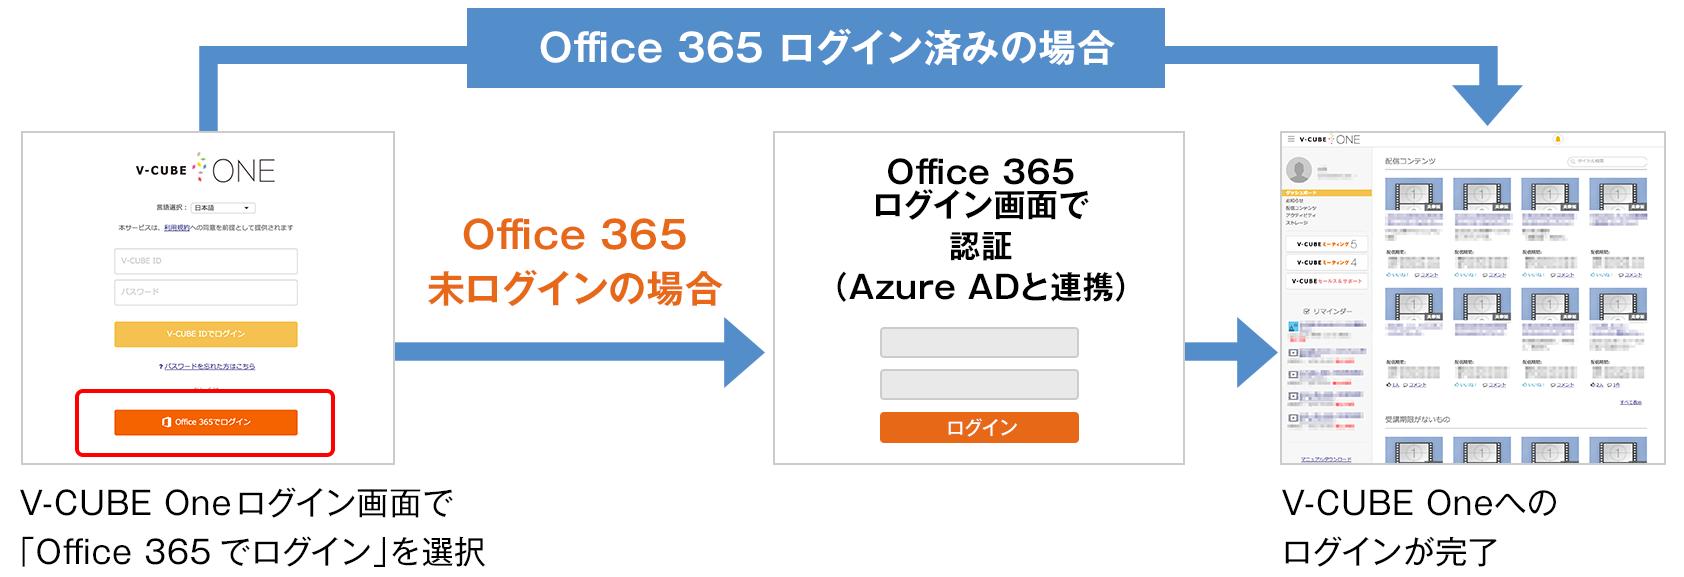 Office 365 連携によるシングルサインオン